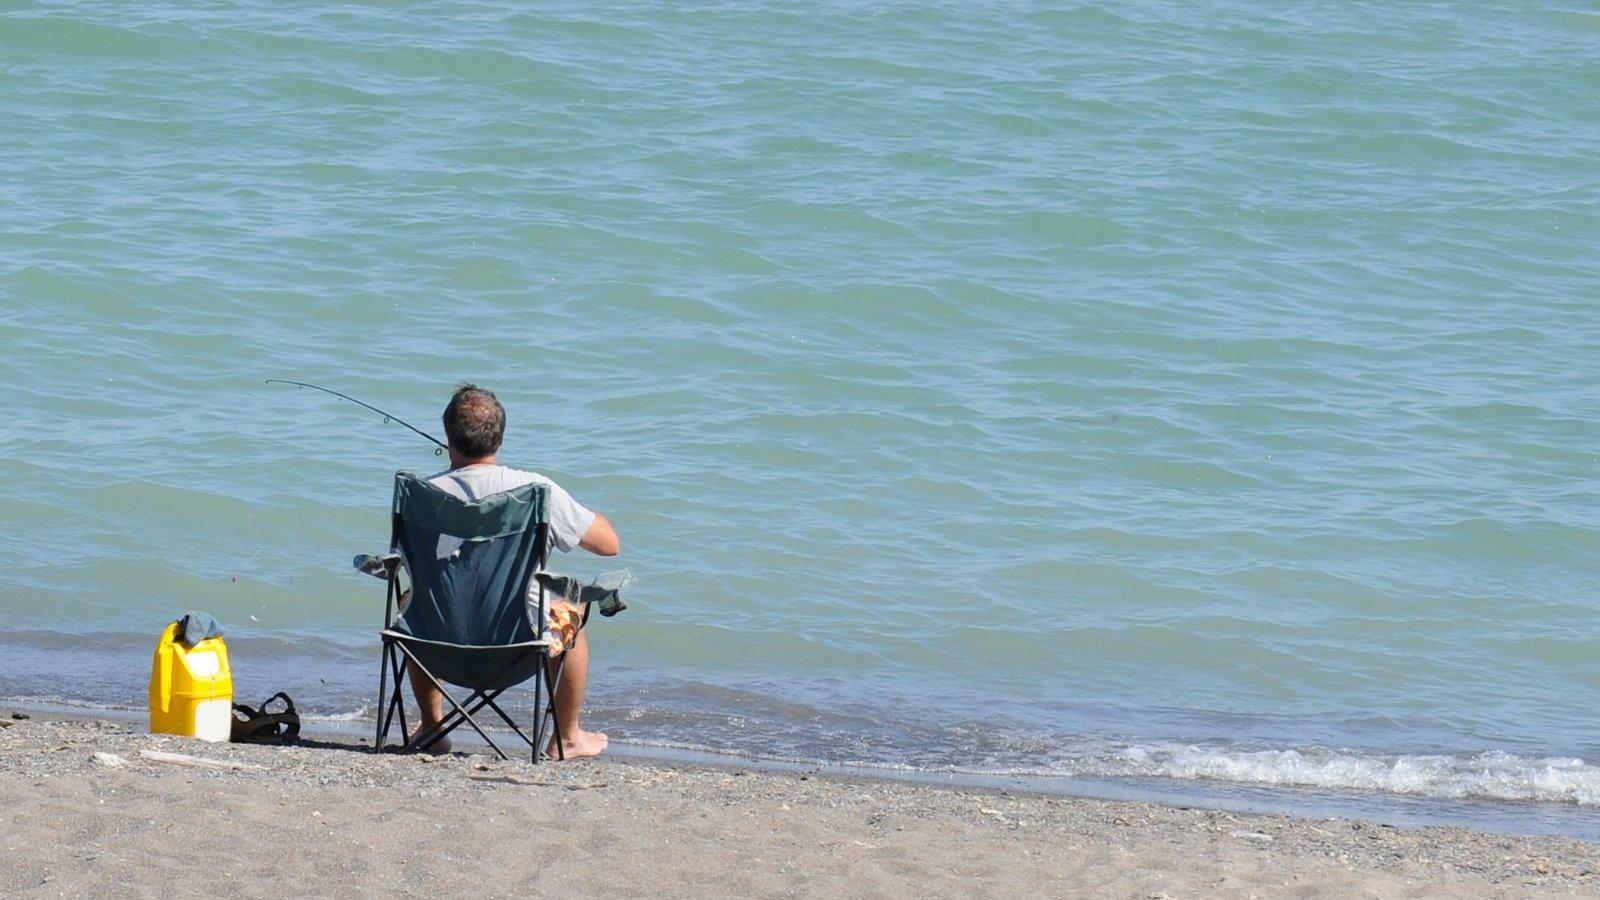 Sur de Ontario mostrando pesca y una playa y también un hombre